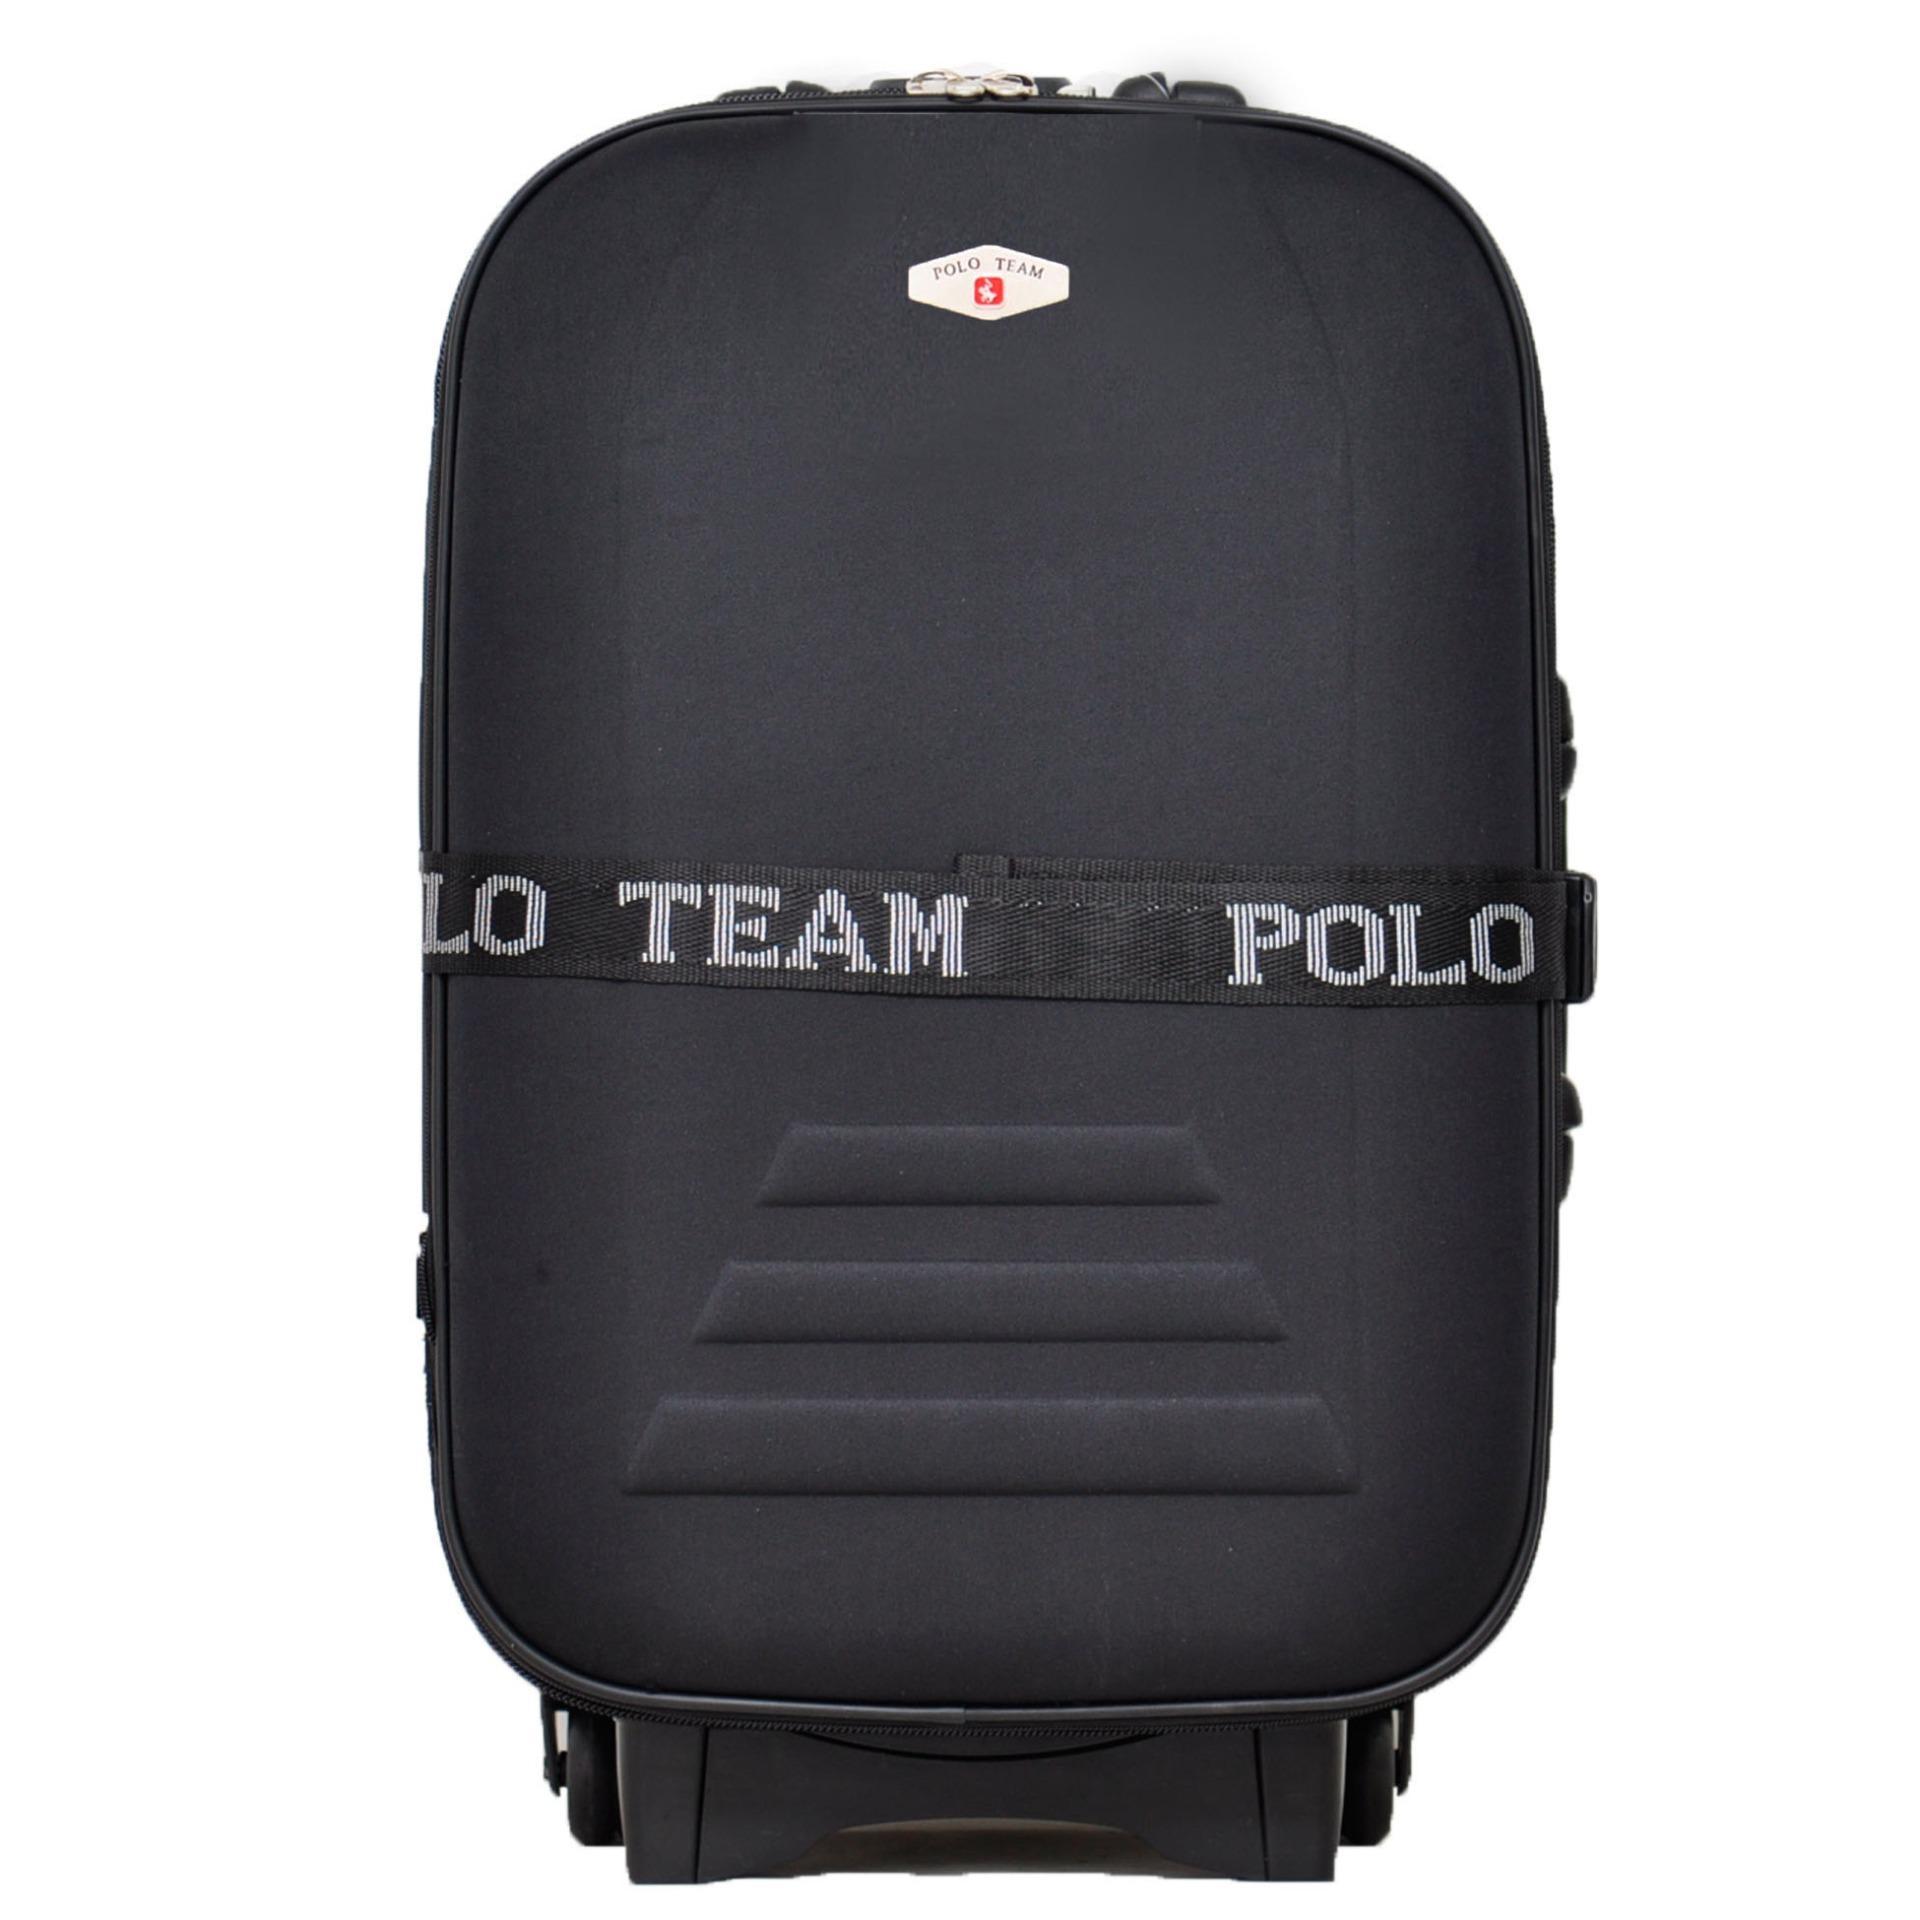 Toko Polo Team 967 Koper Kabin Size 20 Inch Gratis Pengiriman Jabodetabek Hitam Termurah Jawa Barat